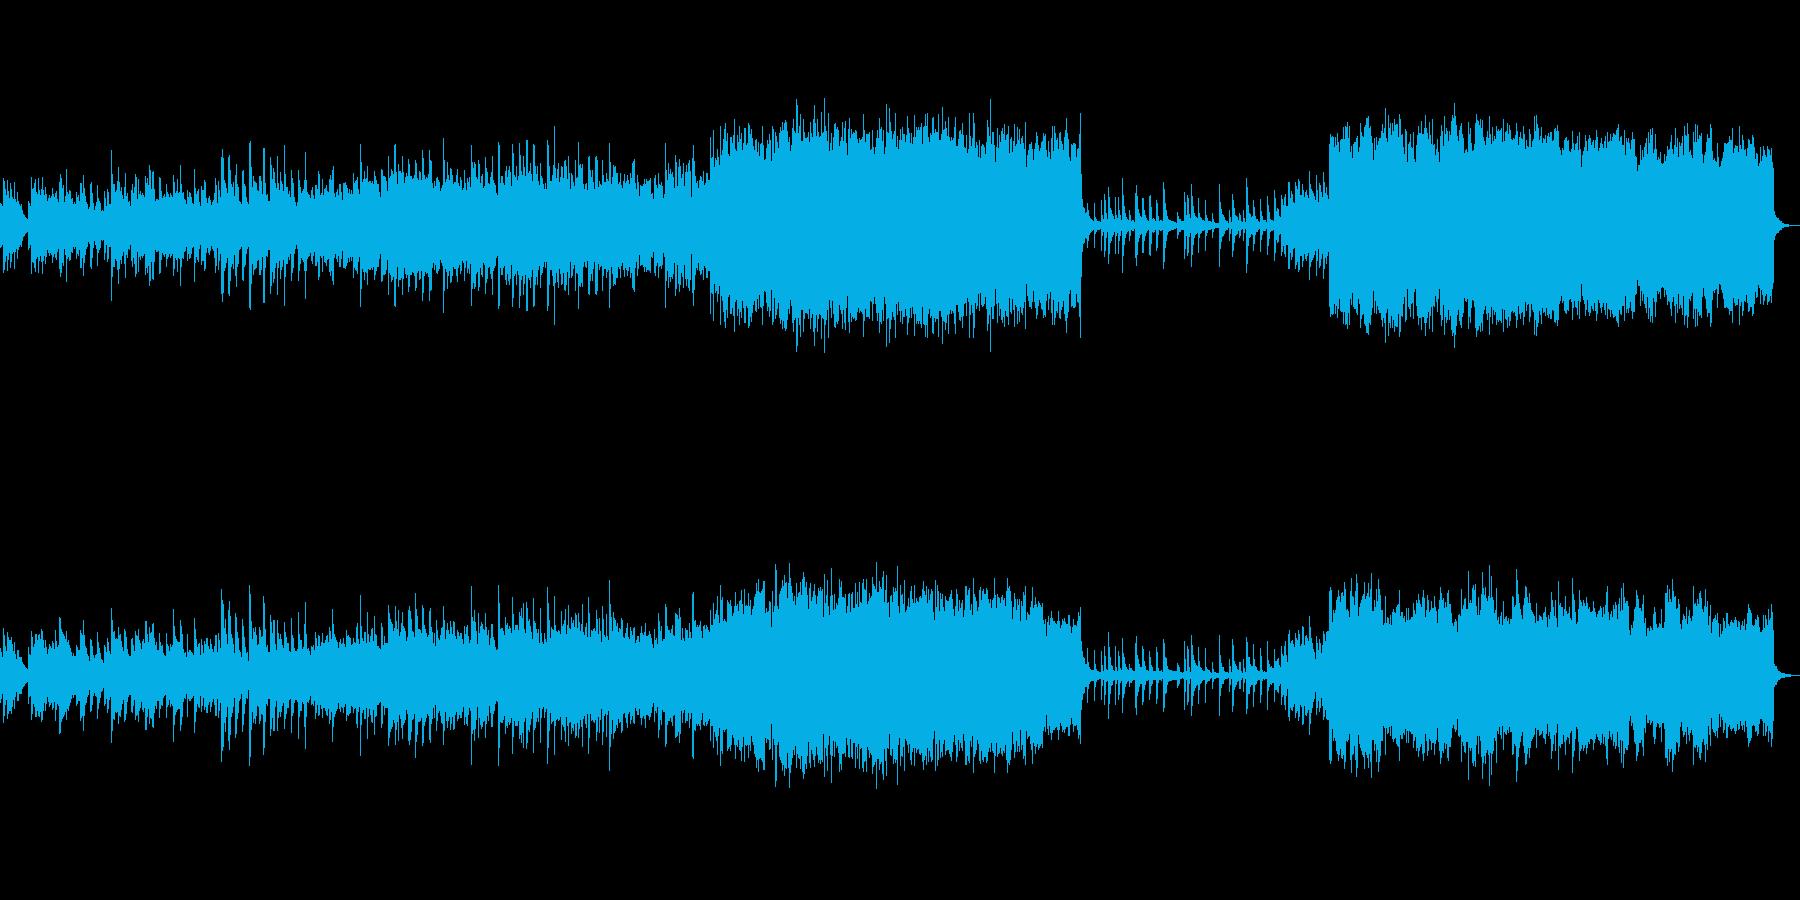 ピアノとストリングスのノスタルジックな曲の再生済みの波形